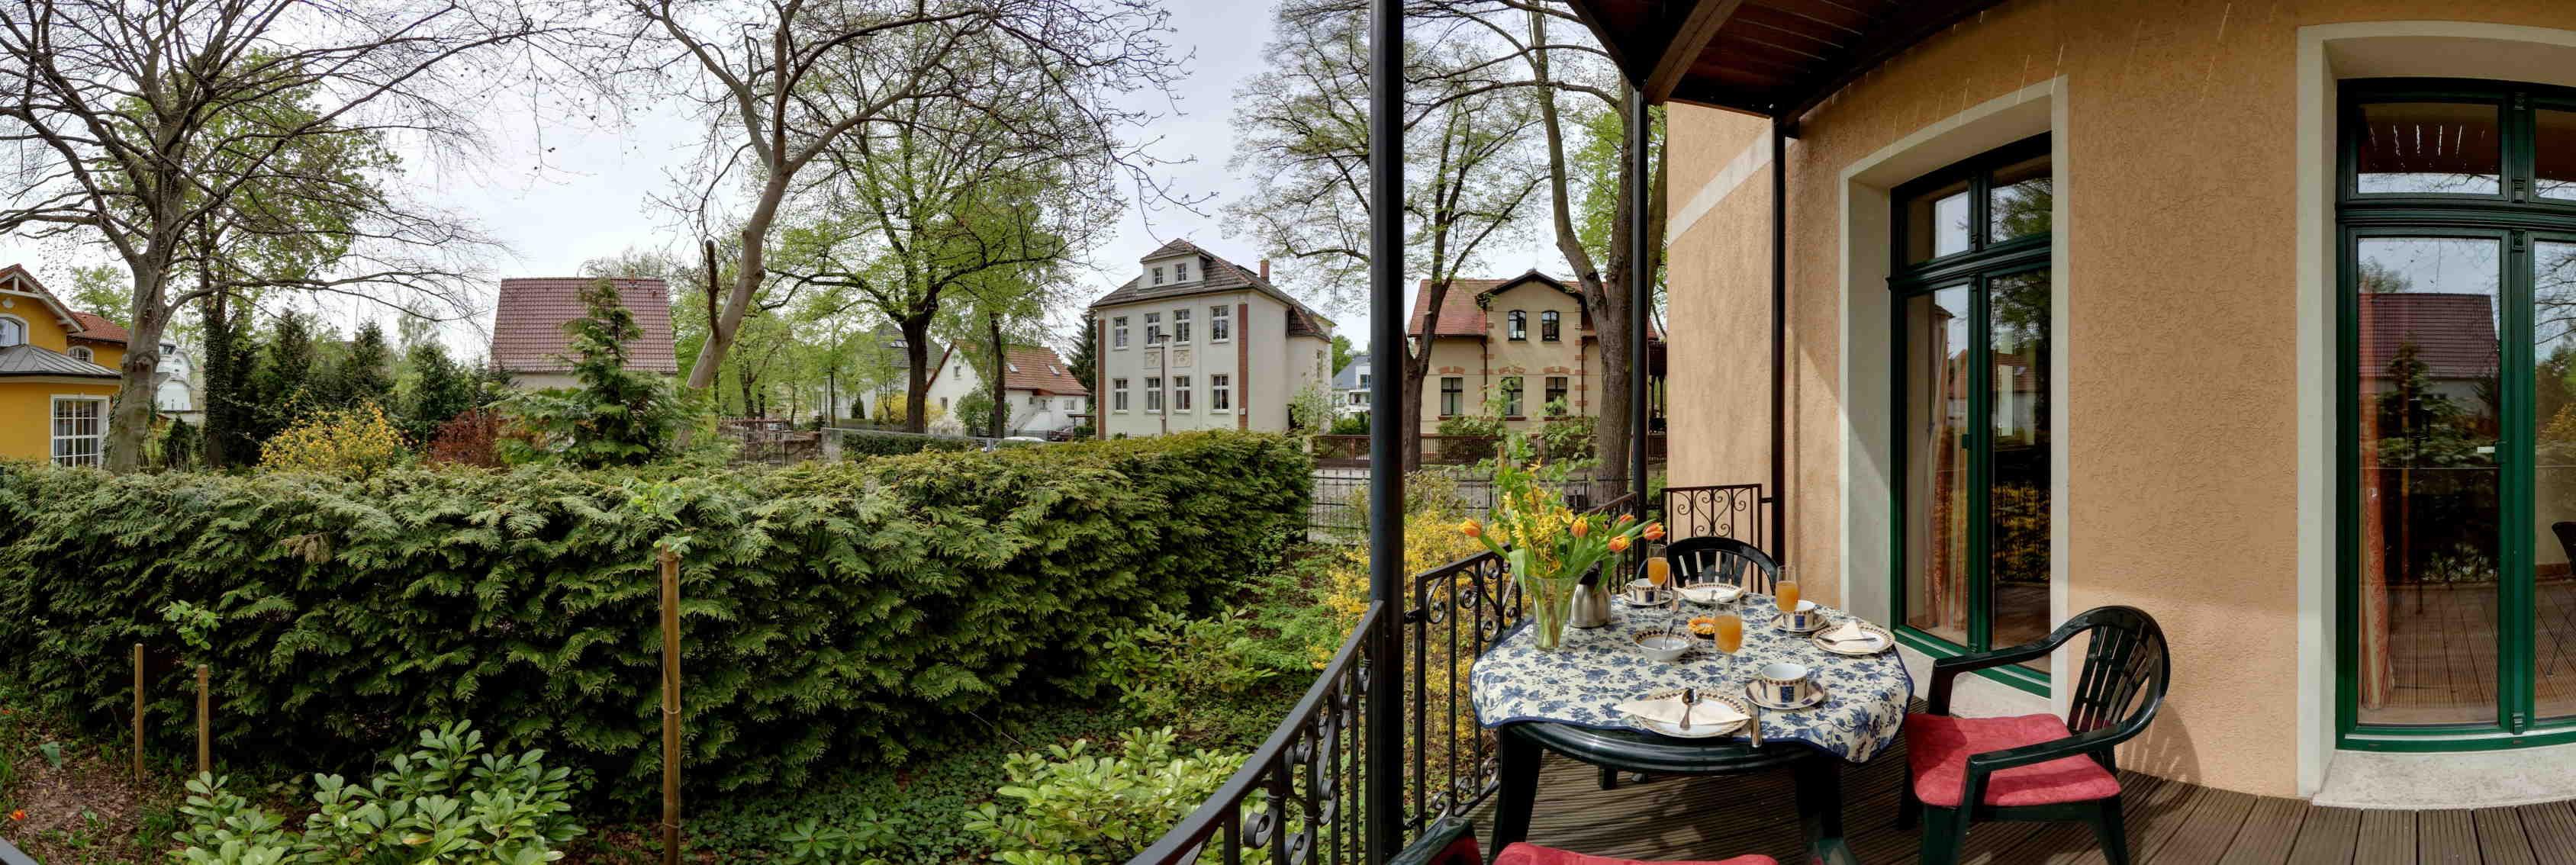 villa wohnzimmer:Villa wohnzimmer : Ferienwohnung Berlin Villa Seepark Wohnzimmer